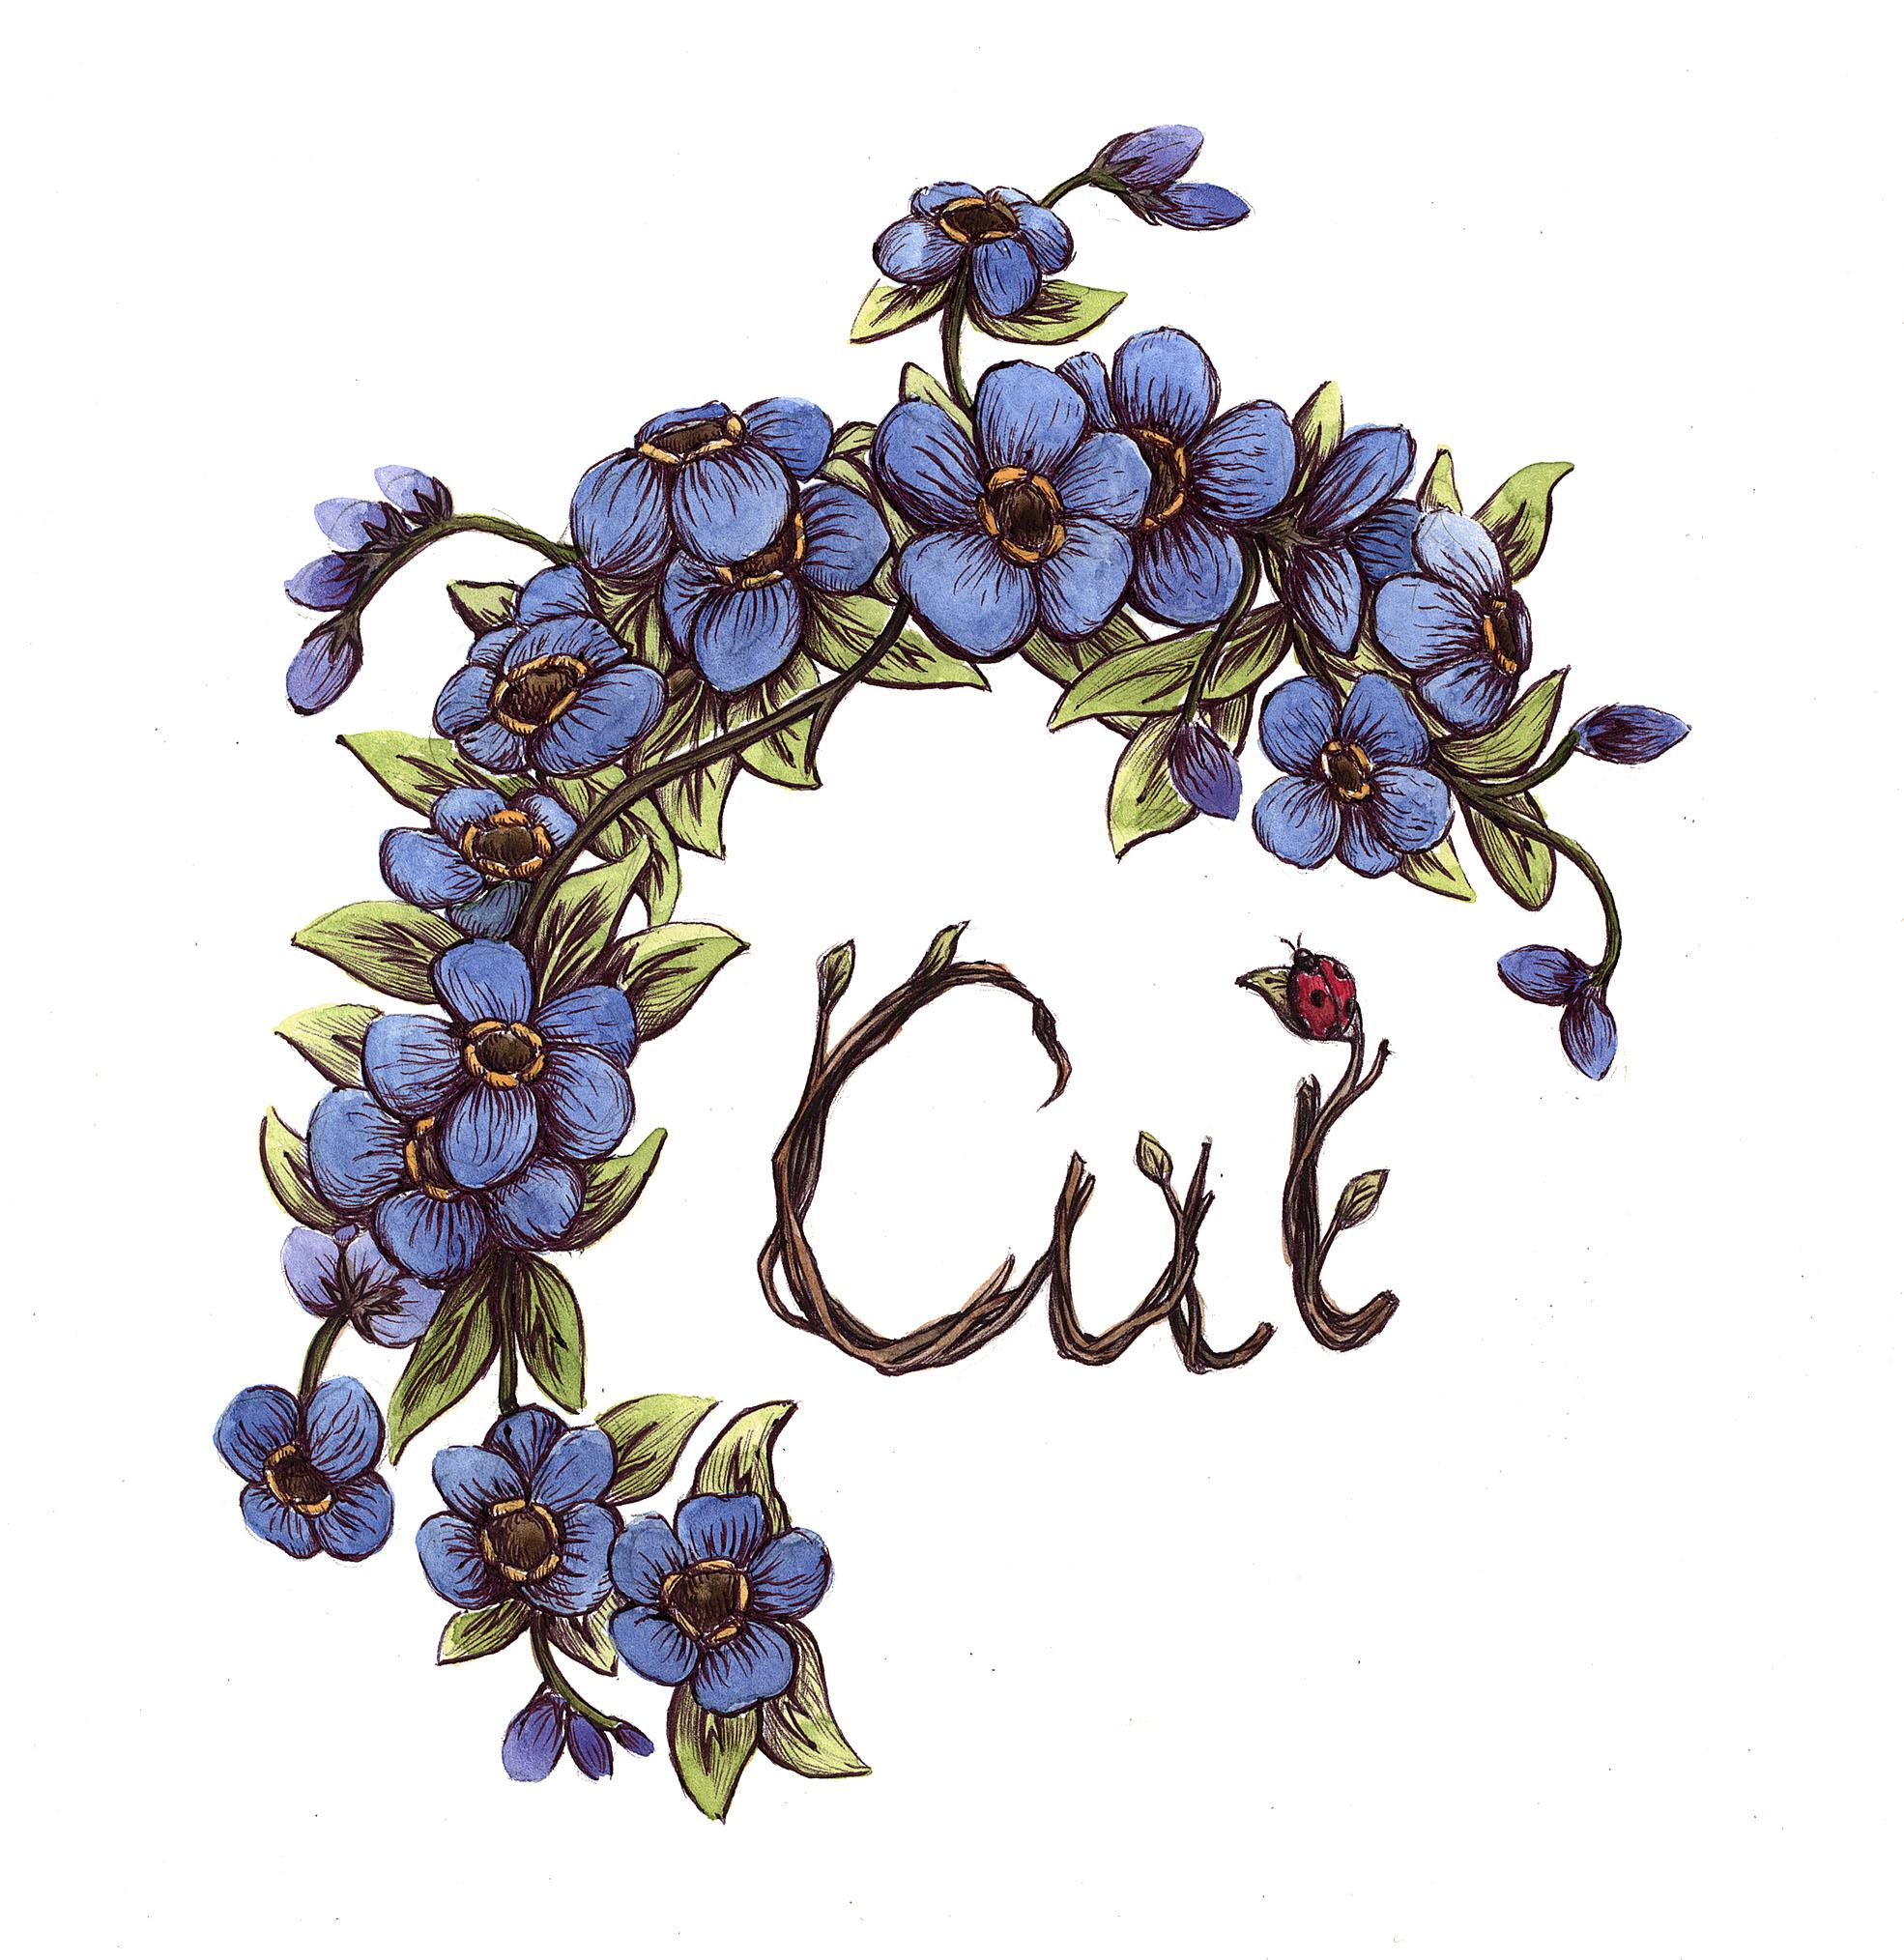 Cui Creates